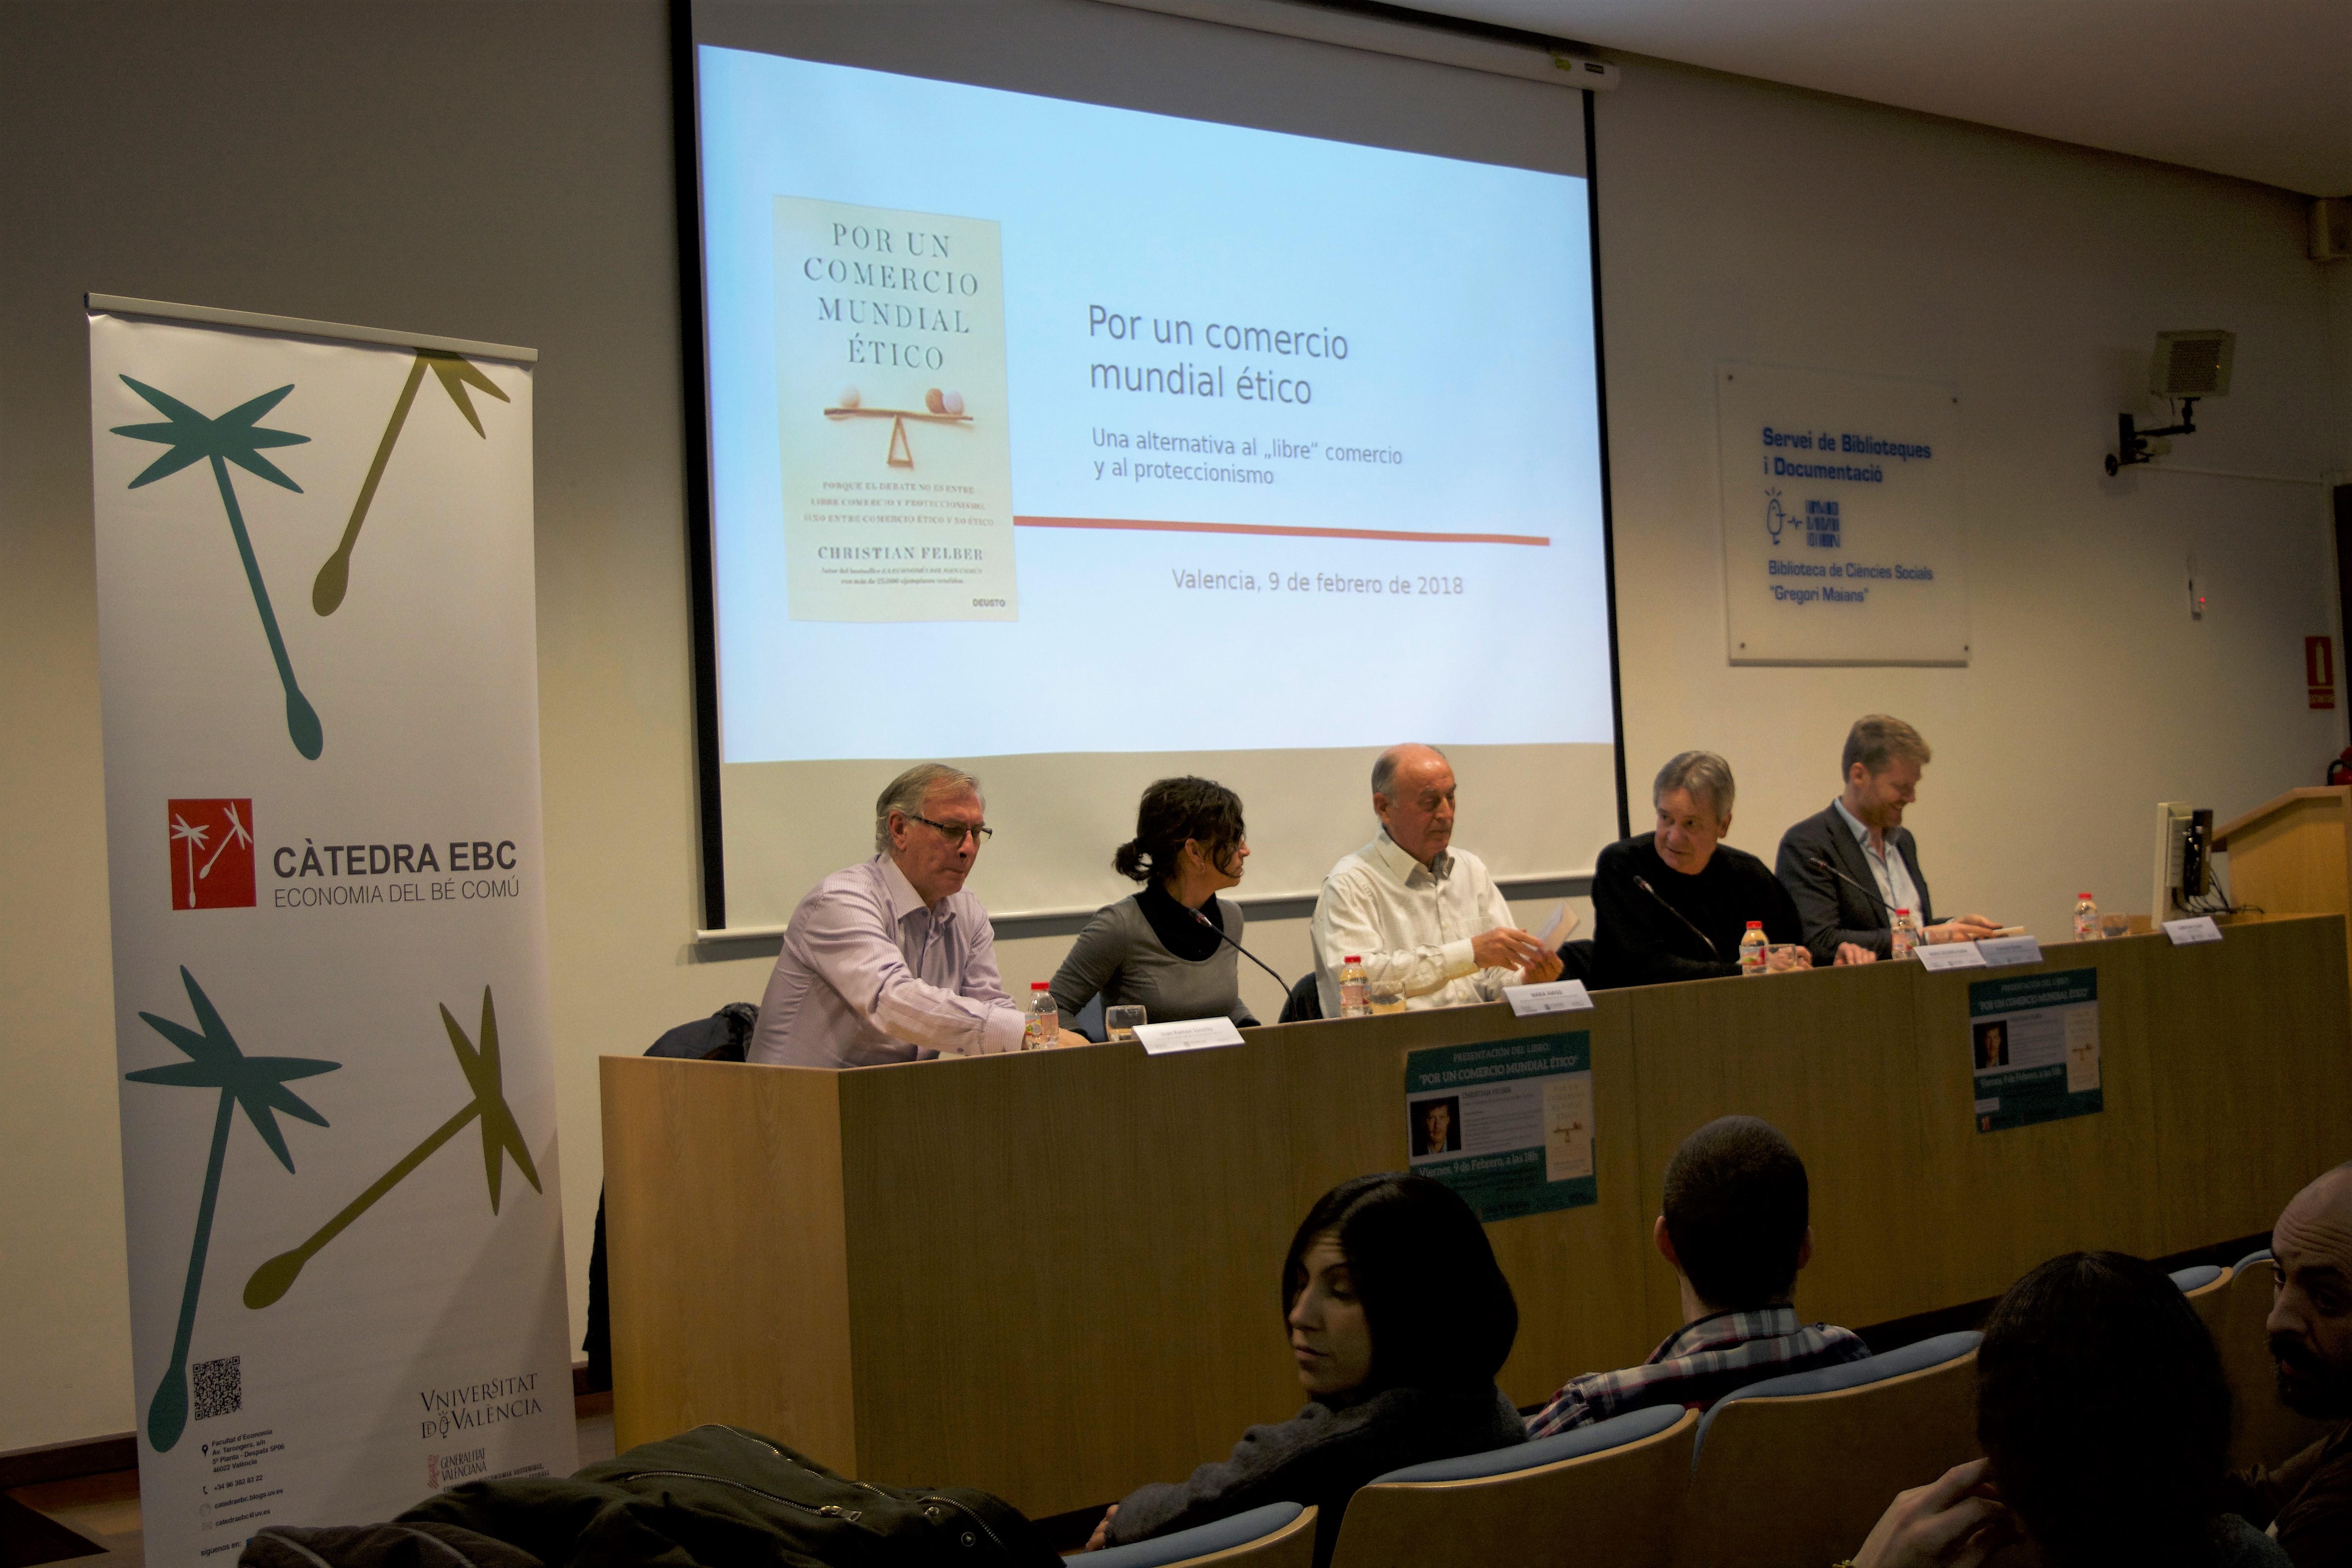 Presentació llibre Christian Felber, València - imatge 0